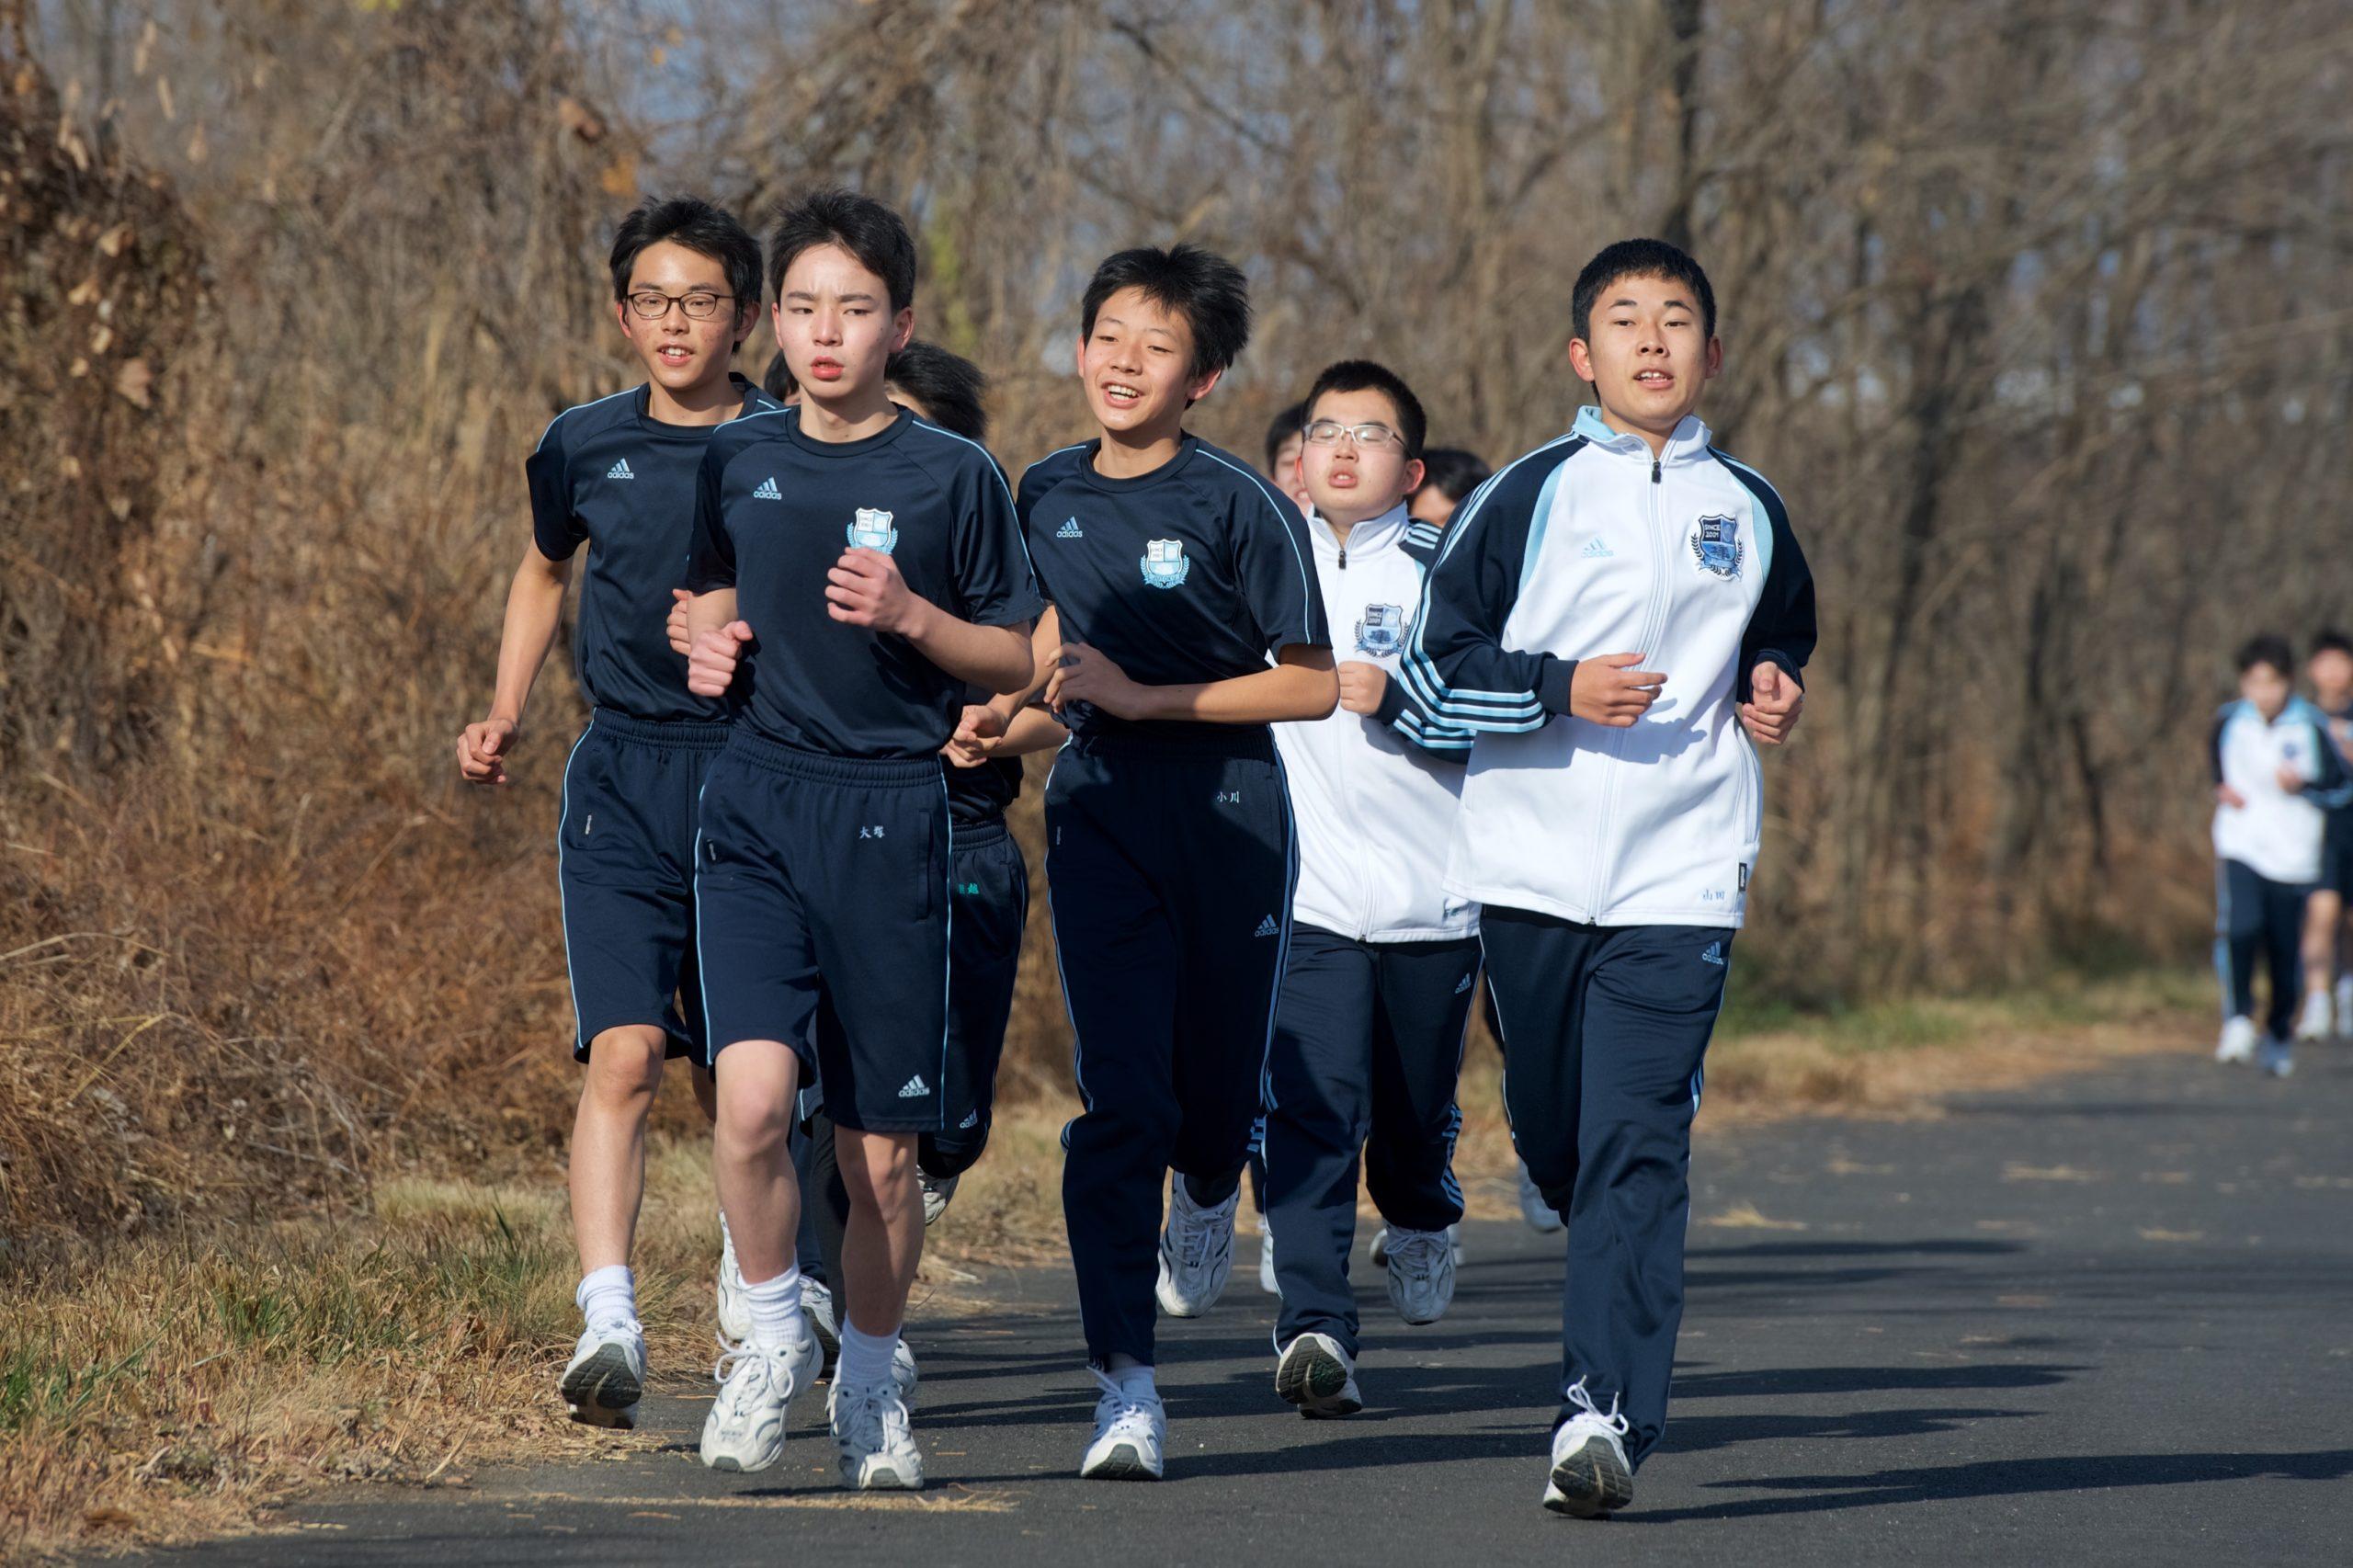 校内マラソン大会の様子について